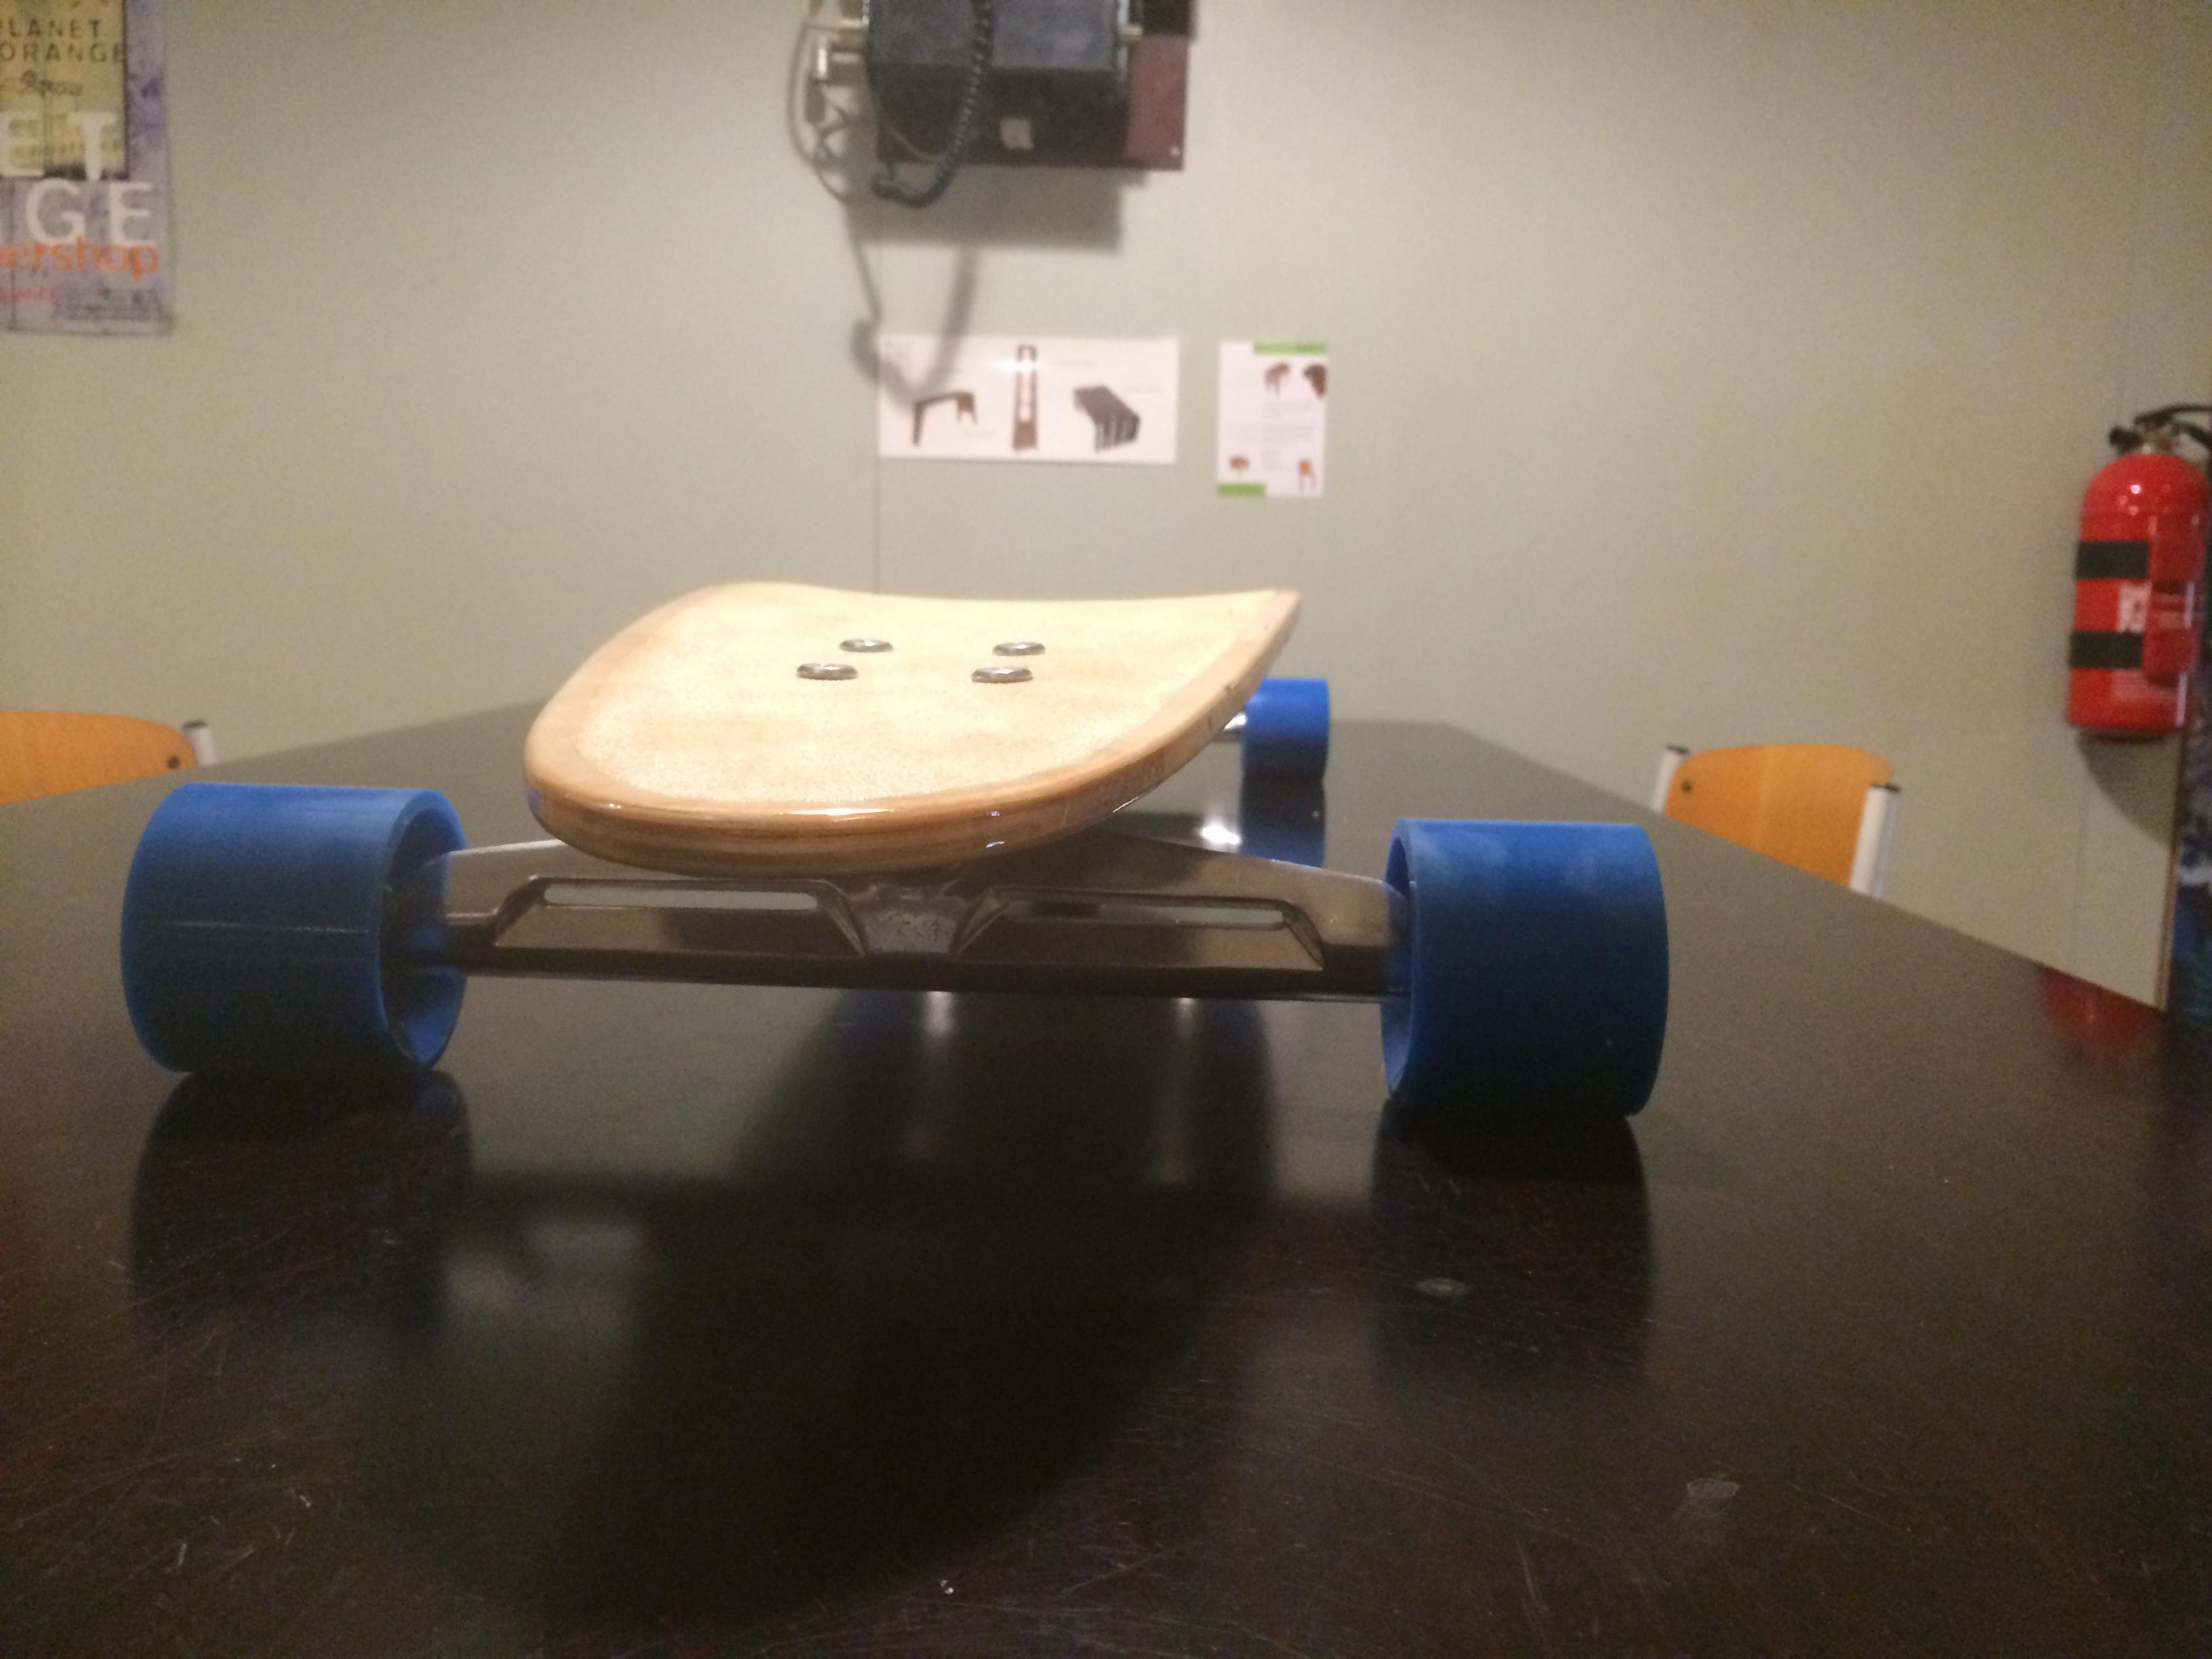 images/skateboard_2.jpg